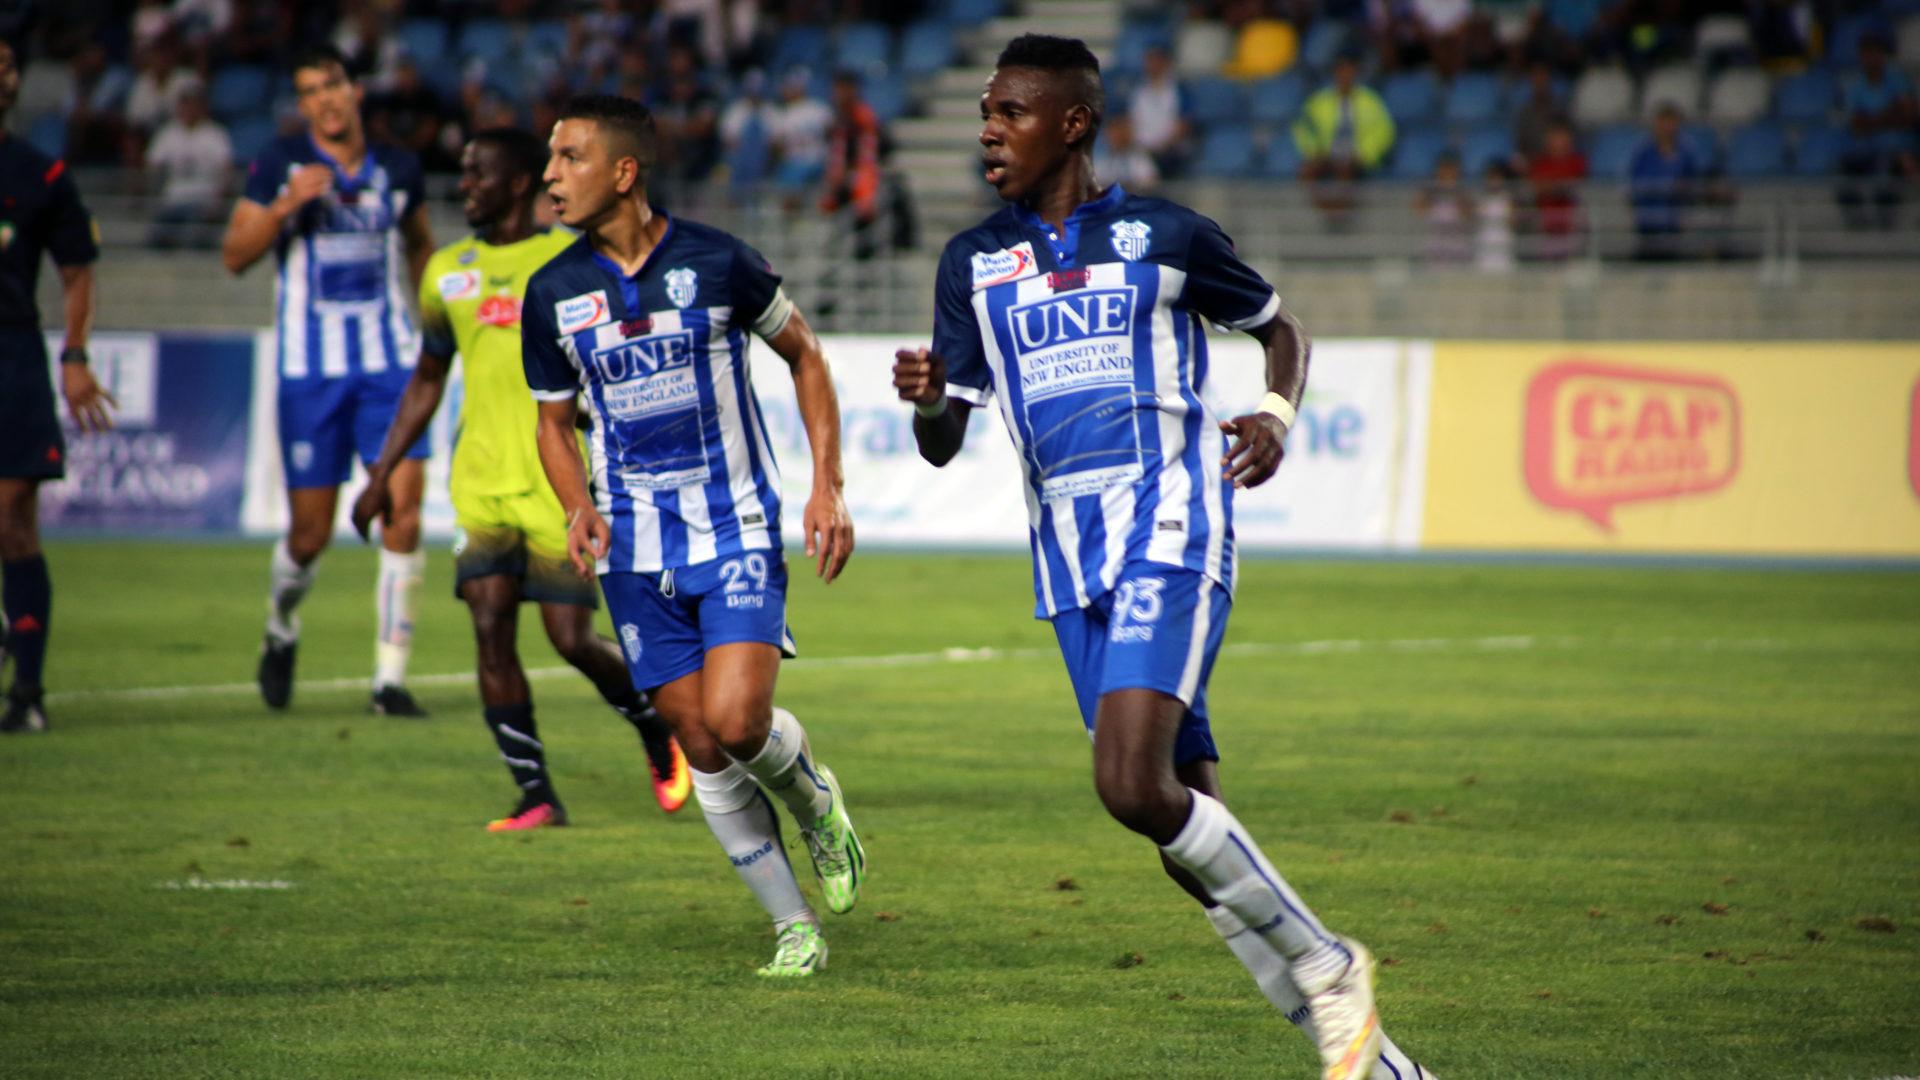 Ittihad Riadi Tanger Soccer Game